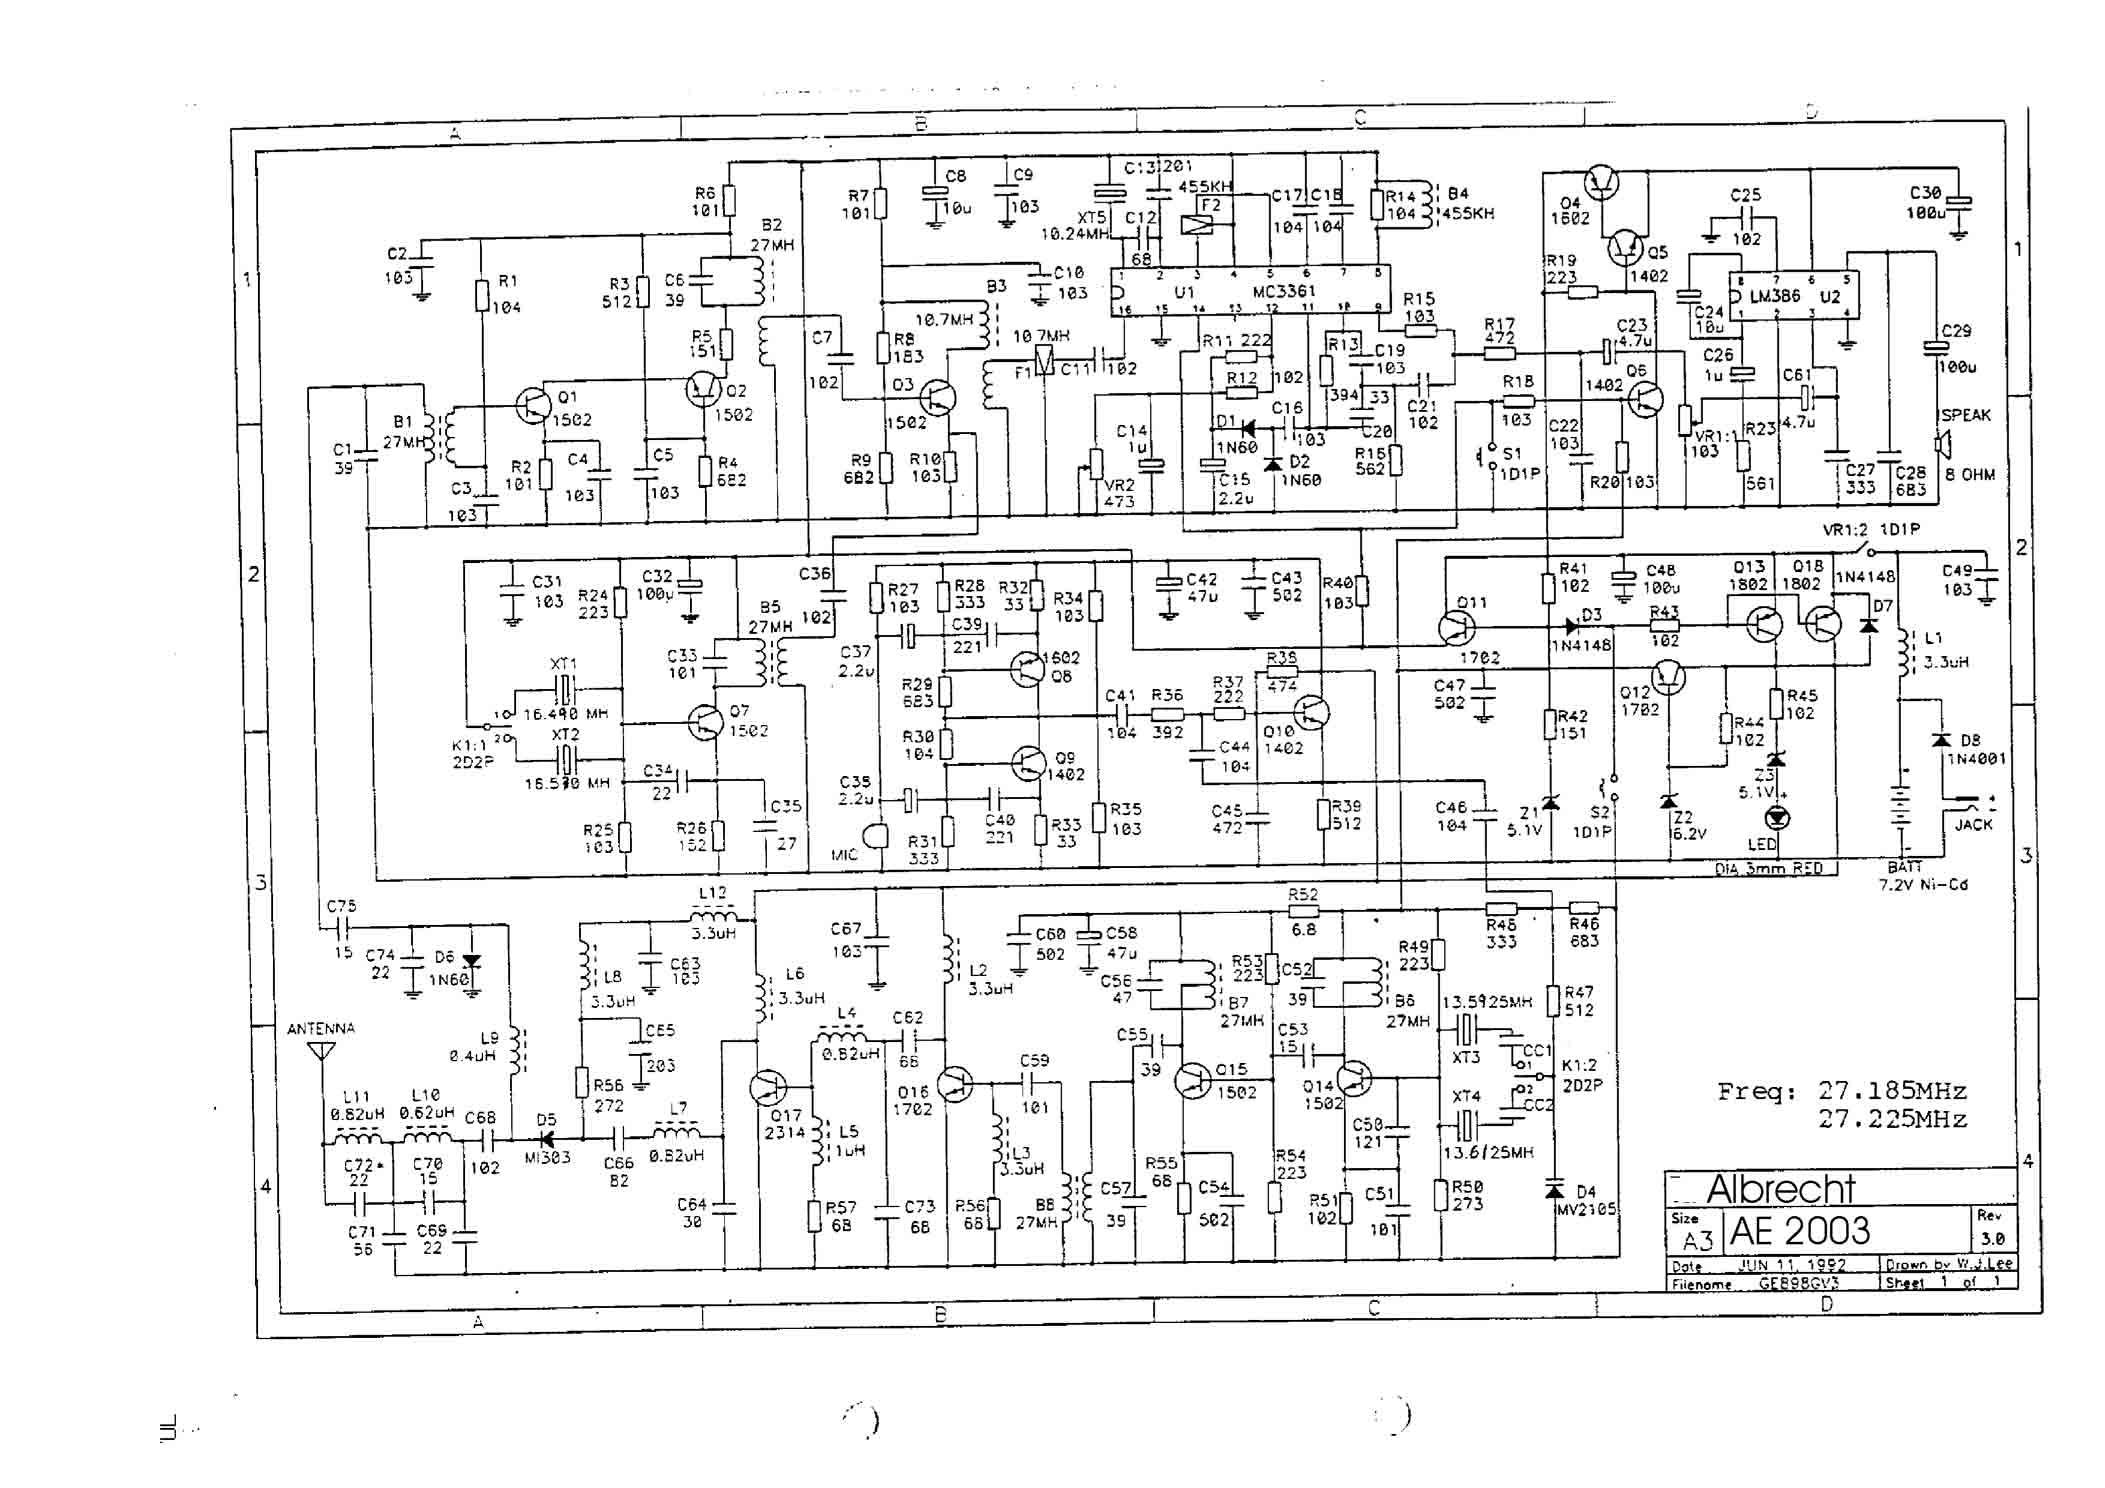 Схема портативной радиостанции Альбрехт AE2003